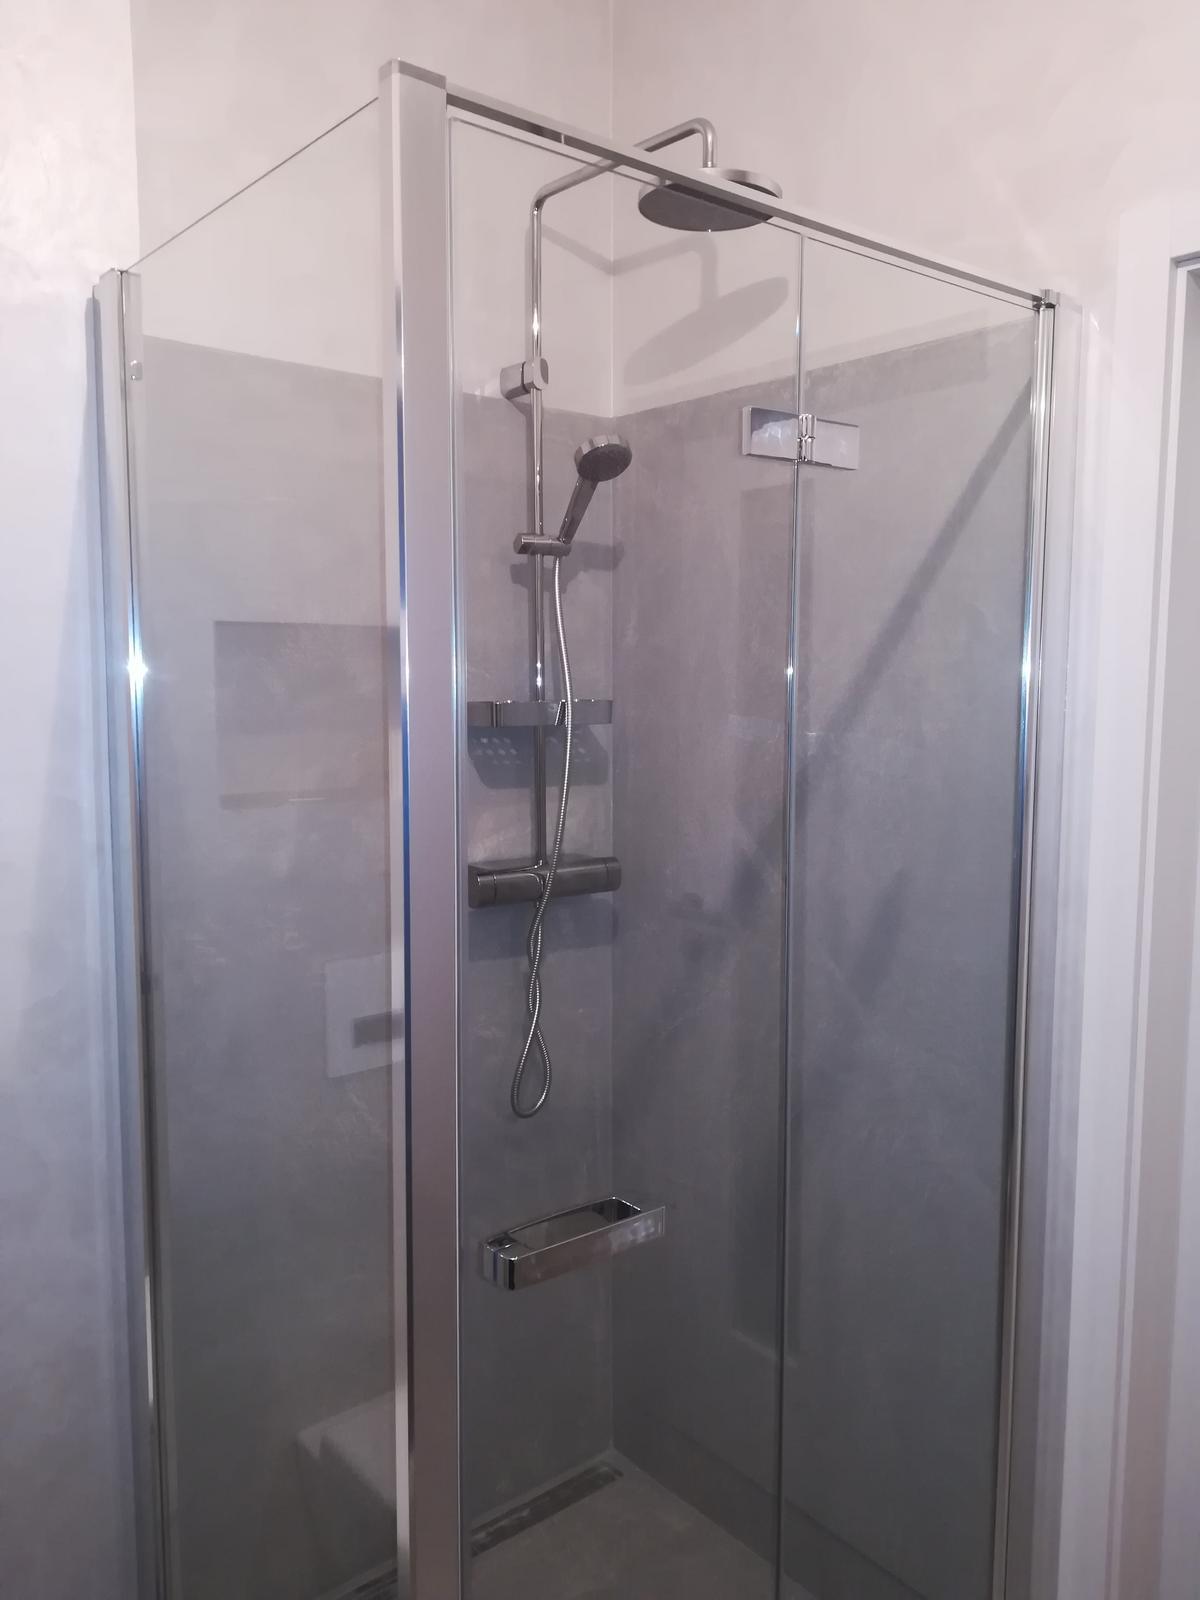 Obezdívku WC máme až... - Obrázek č. 1